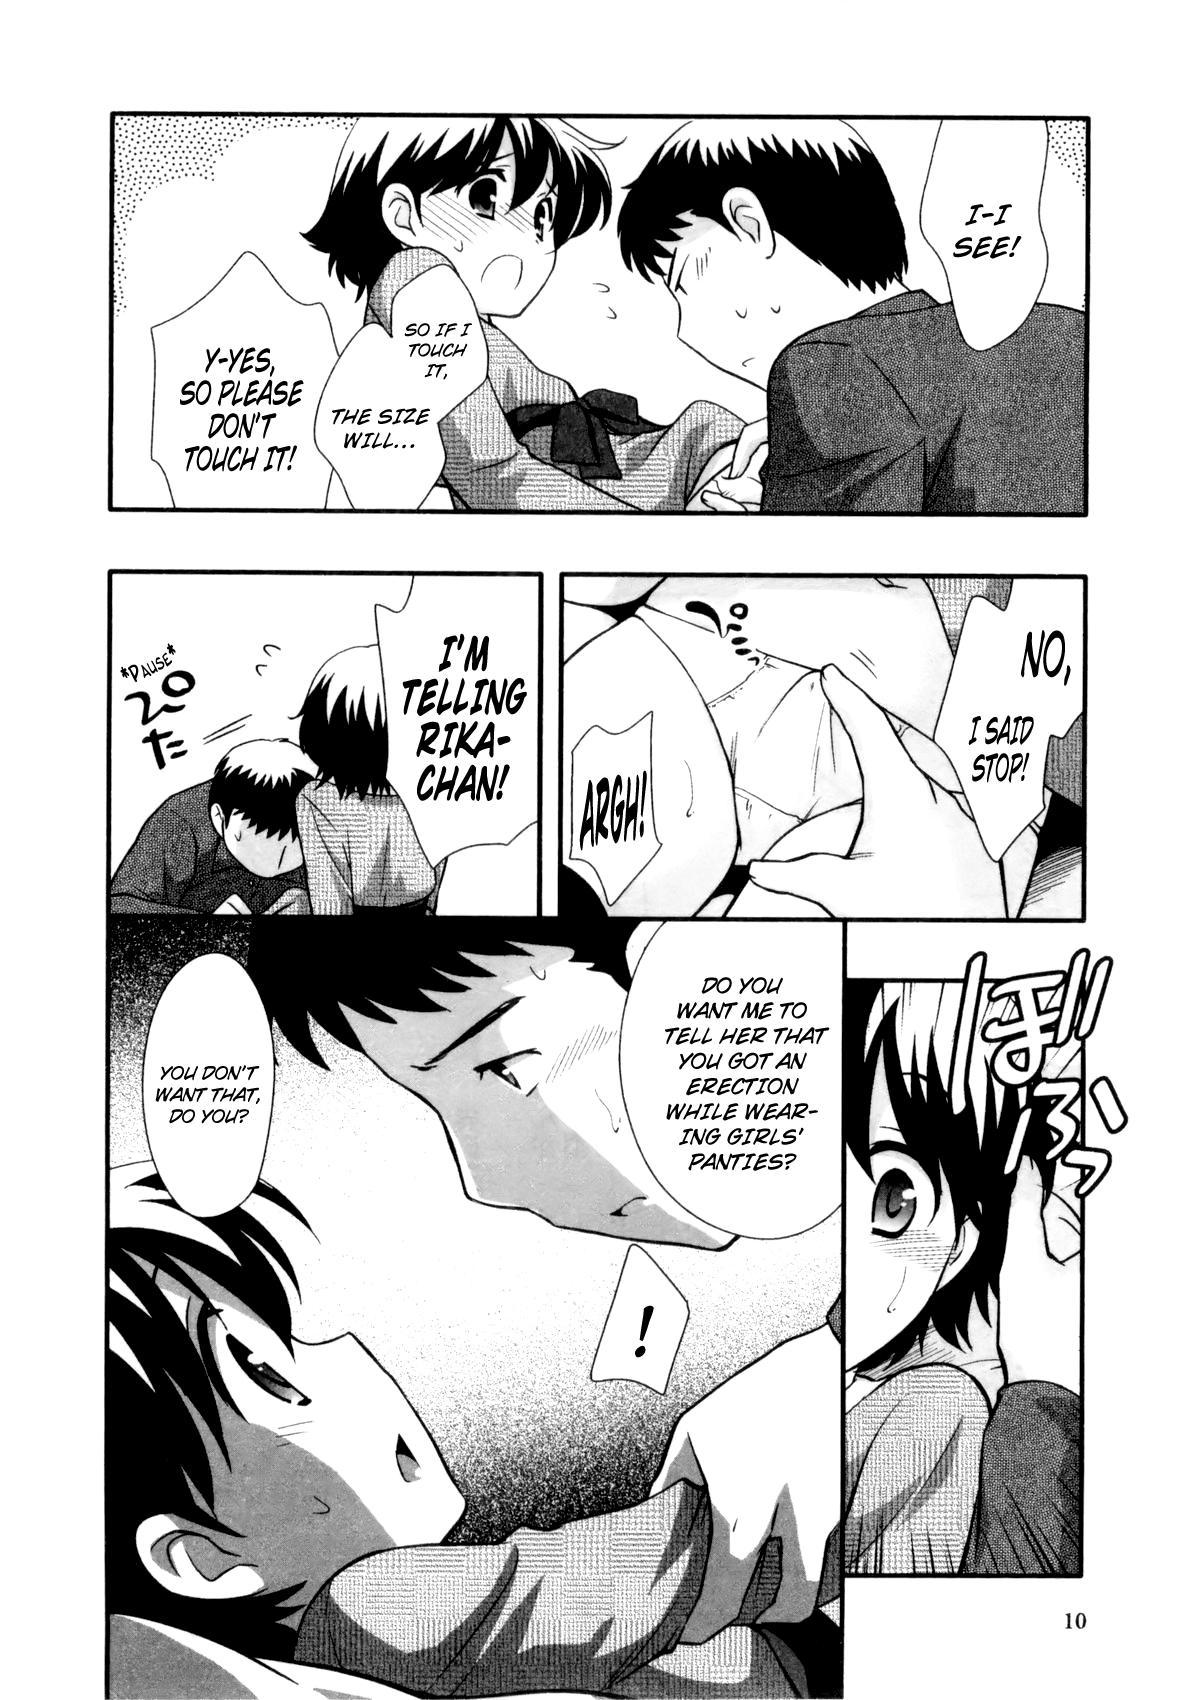 [Ueda Yuu] Rika-chan no Oji-san | Rika-chan's Dad (Ero Shota 4 - Bitch Boys) [English] [N04h] 5